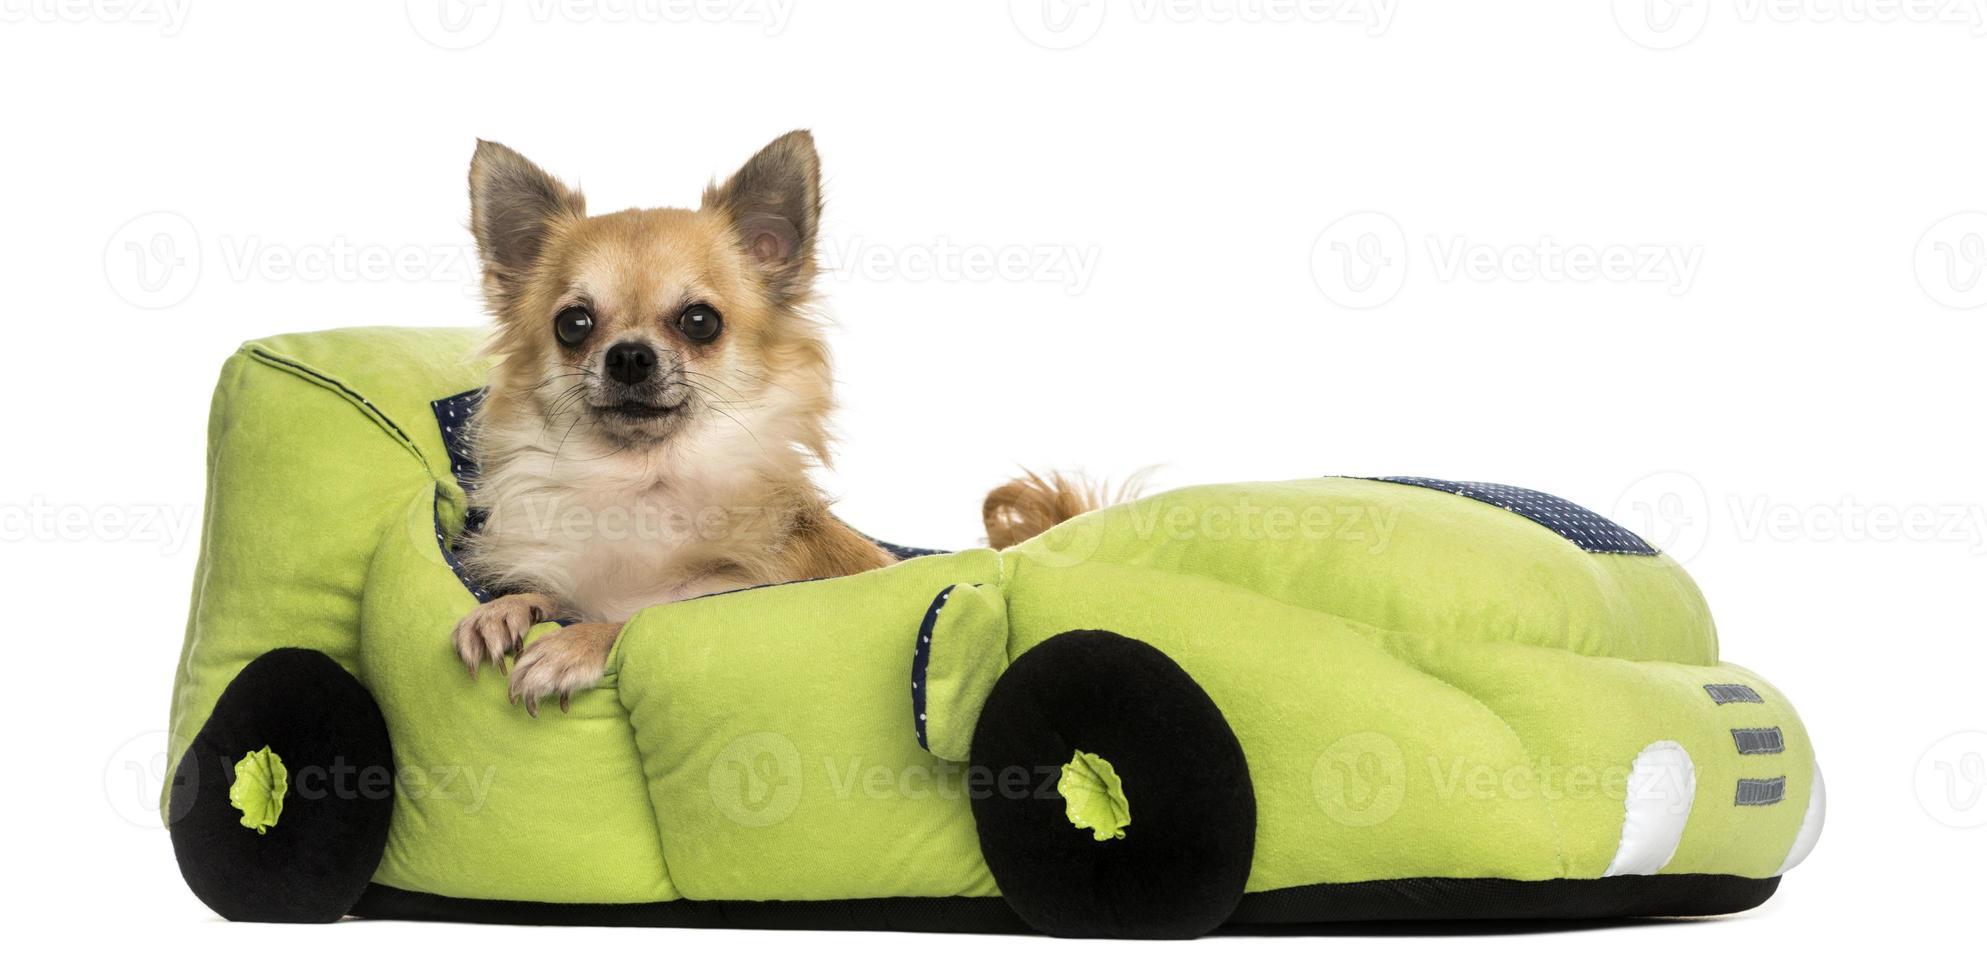 chihuahua i en bilformad säng, isolerad på vitt foto